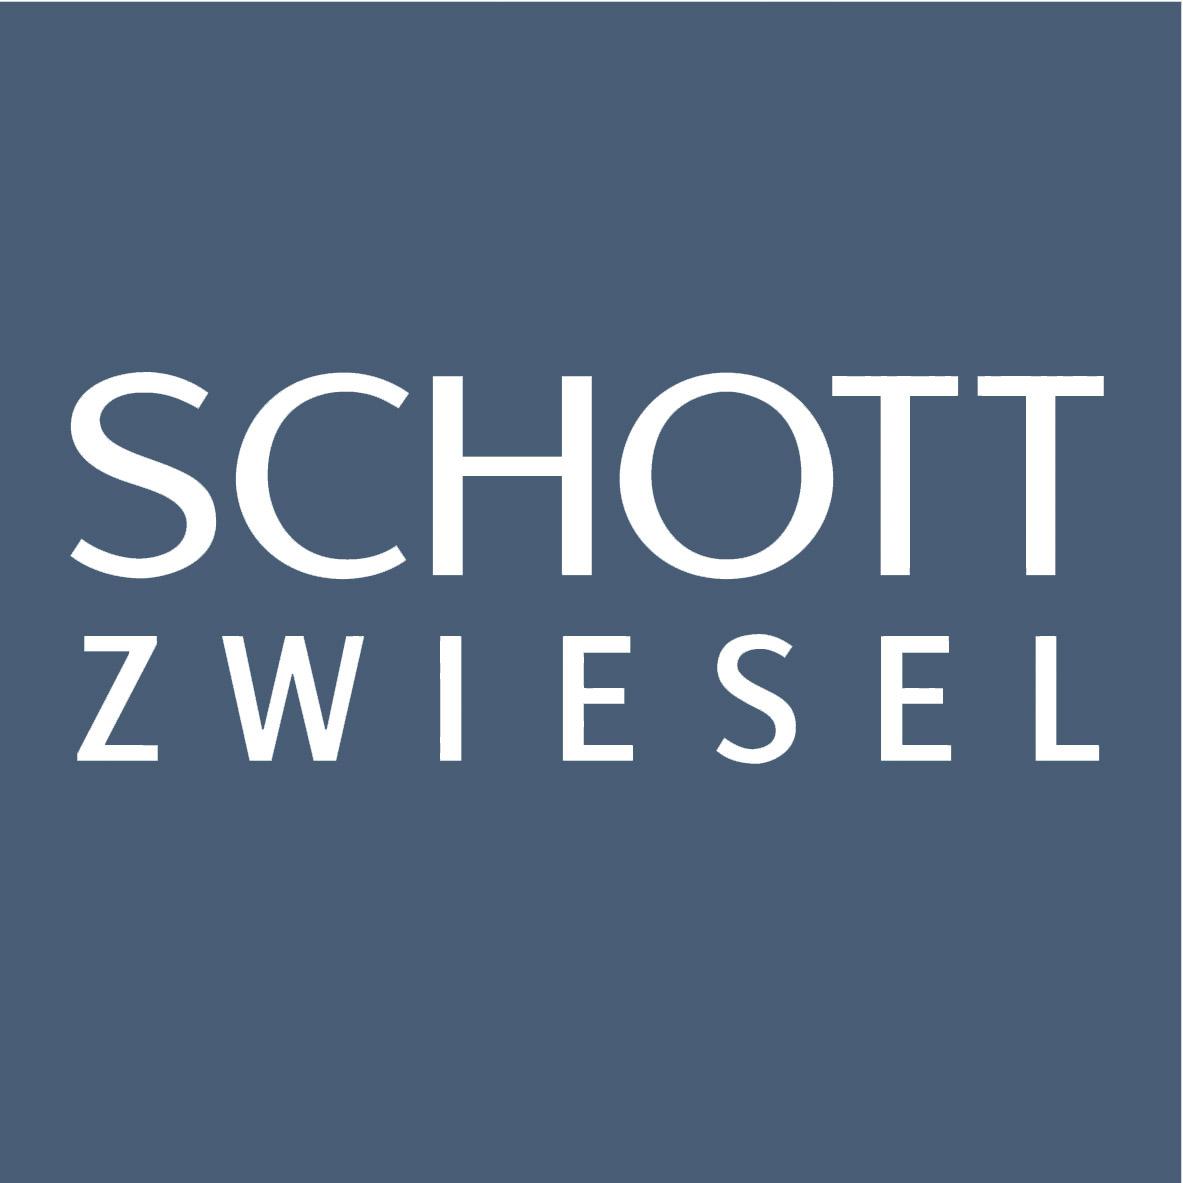 Logo_SchottZwiesel_4c_10x10cm.jpg